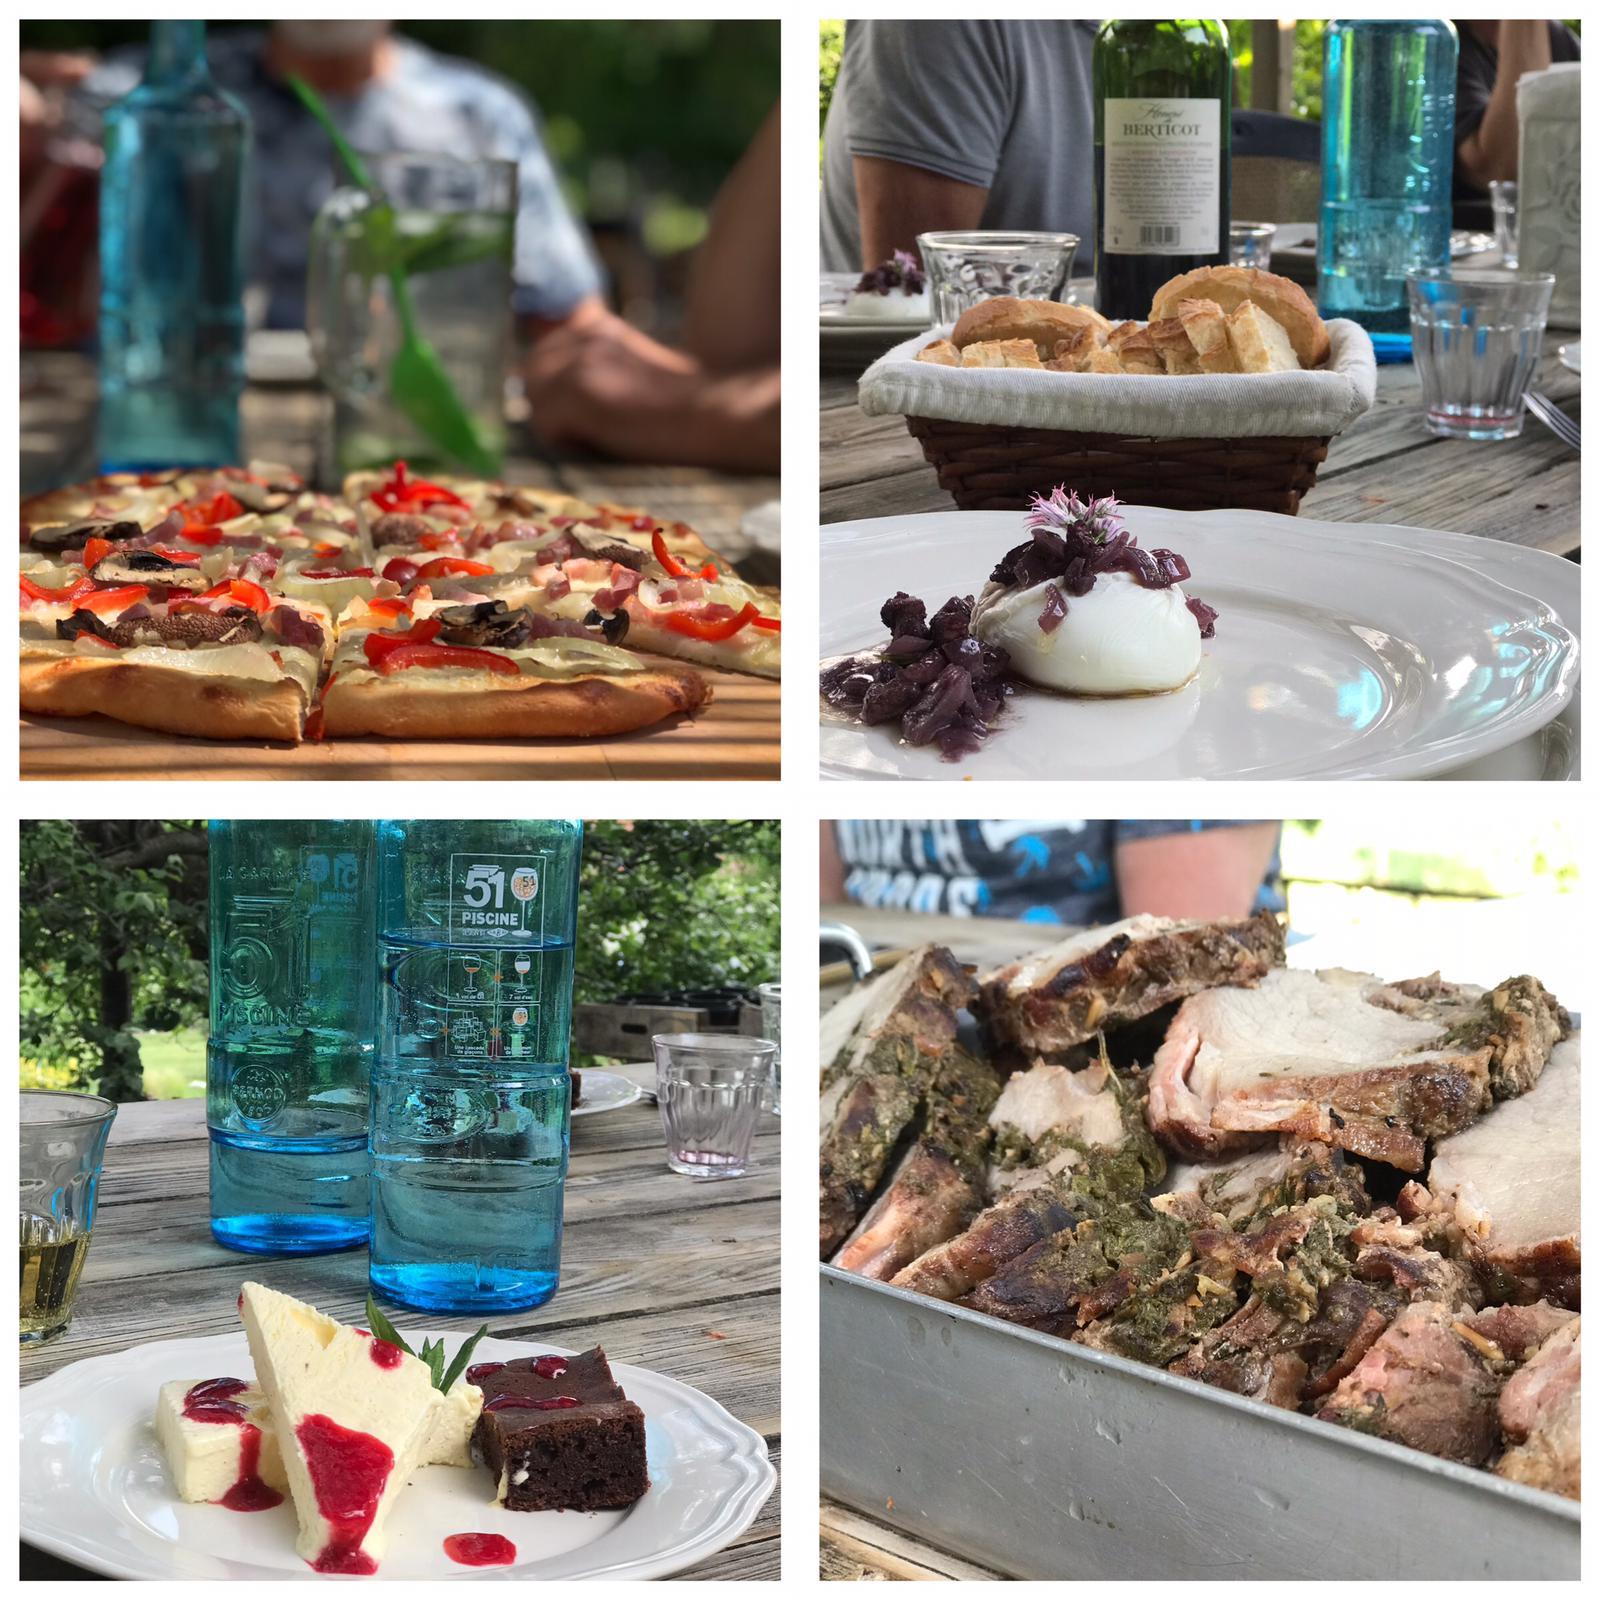 kookvakantie in Frankrijk - kookles en genieten van het Franse leven